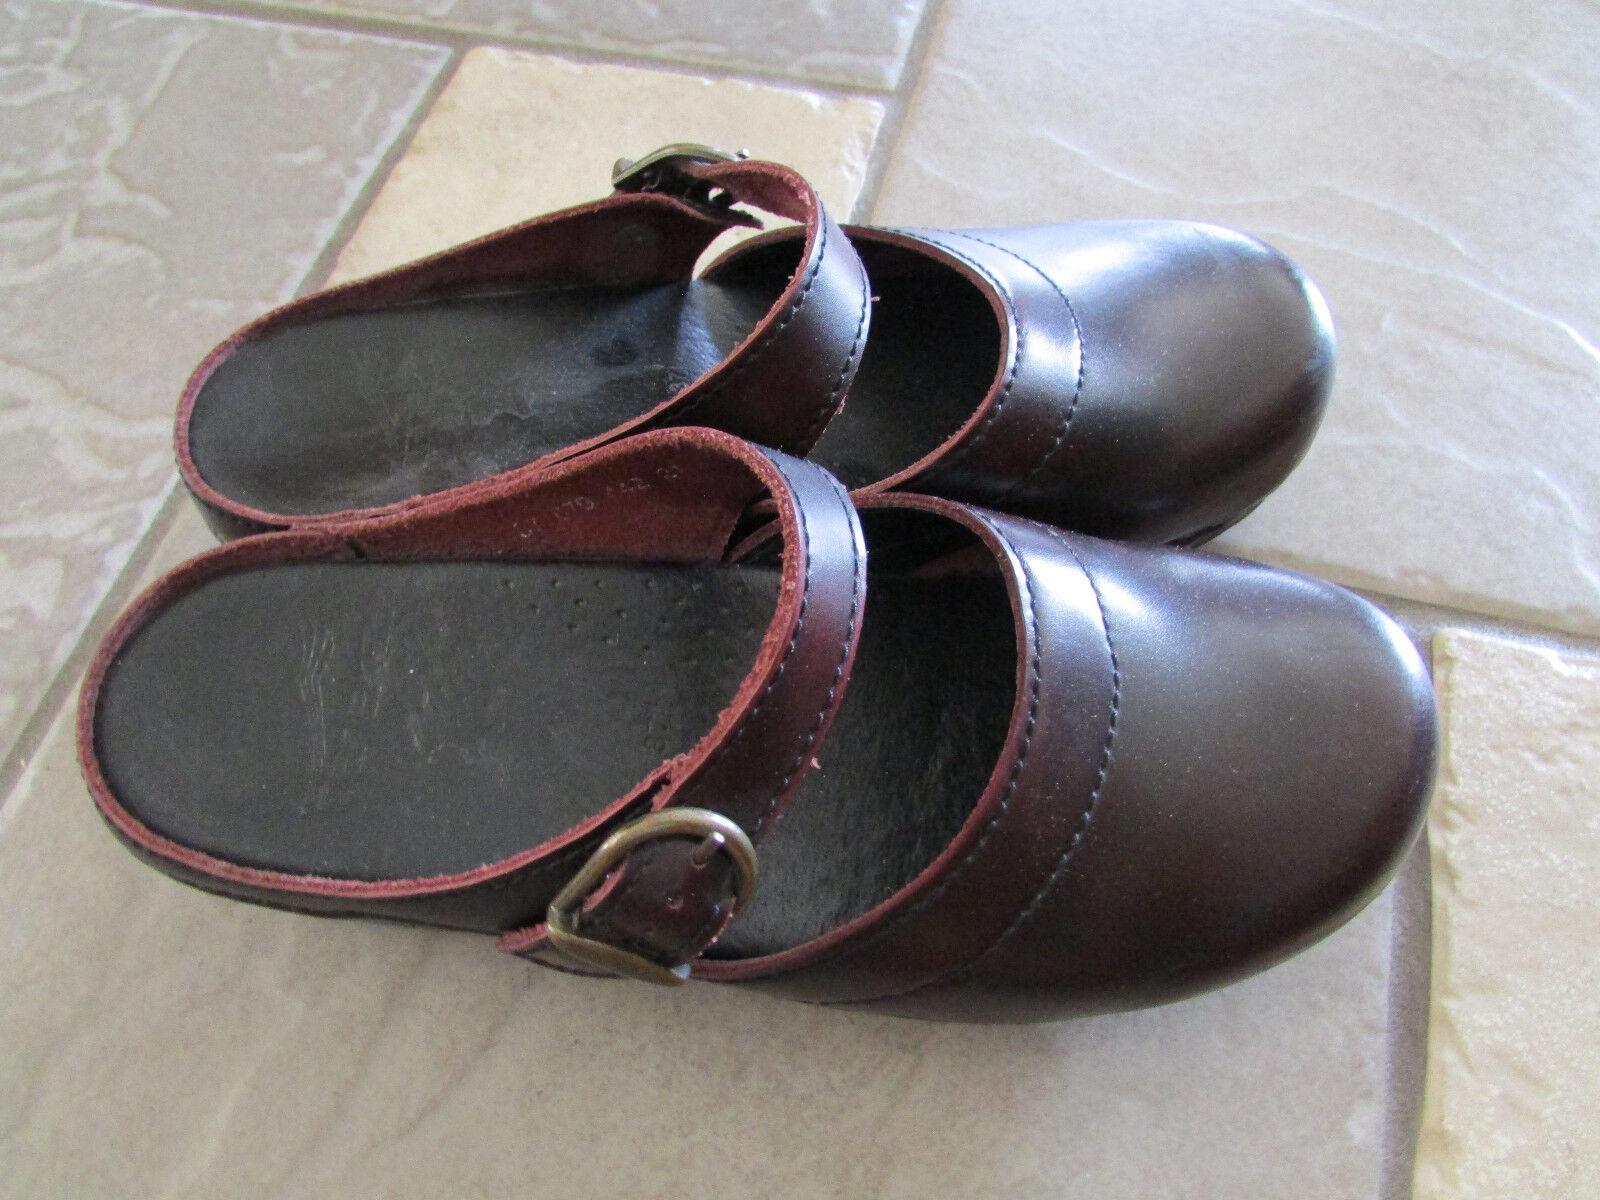 Dansko Mulas Zuecos Mocasín Cuero Zapatos para mujer 37 6-6.5 Cuero Mocasín Slip on Free SHP 20056f